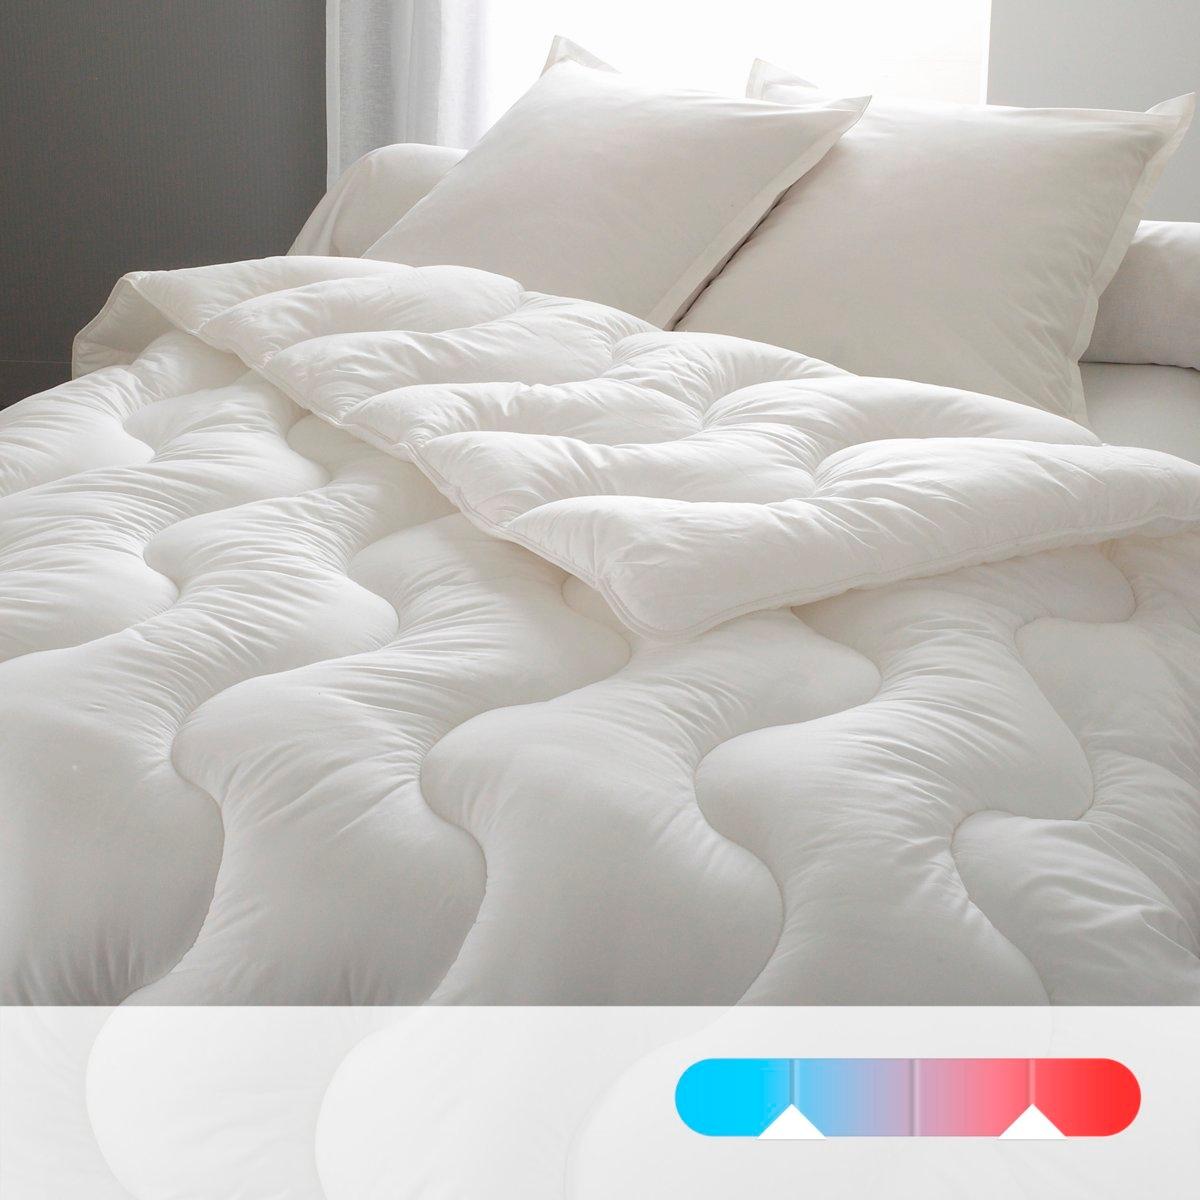 Одеяло синтетическое с чехлом из натурального материала4 сезона : 1 одеяло 200 г/м? для лета, 1 одеяло 300 г/м? для межсезонья, оба одеяла для зима (скрепляются завязками).Наполнитель THERMOSOFT : полые и тонкие волокна-спирали способствуют циркуляции воздуха и не пропускают холод. Обработка против клещей PRONEEM на растительной основе эффективна даже после многочисленных стирок. Машинная стирка при 60 °С. Прострочка шестиугольниками. Поставка в прозрачном чехле.<br><br>Цвет: белый<br>Размер: 260 x 240  см